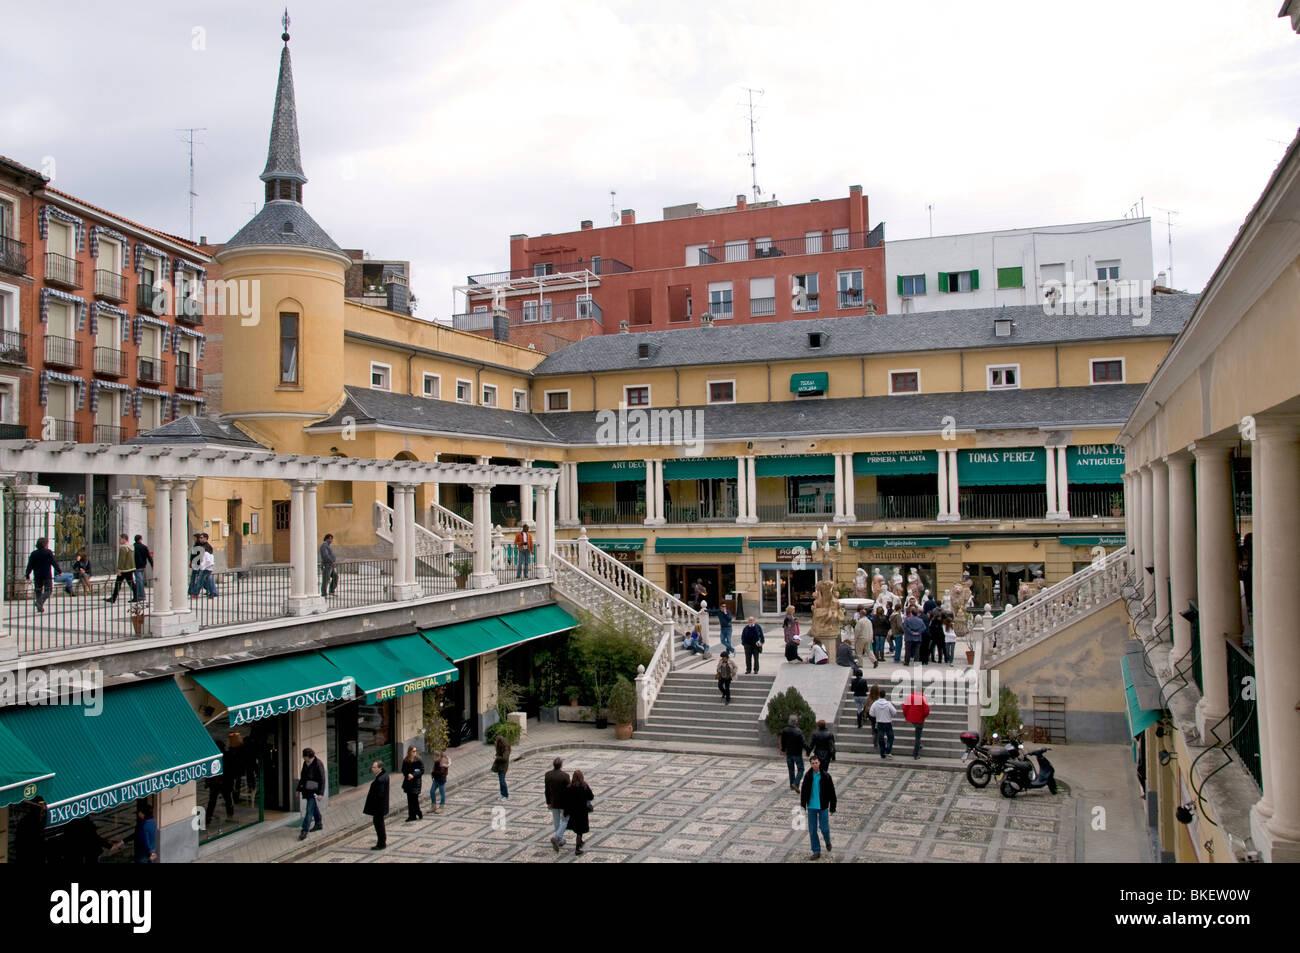 Tienda De Anticuarios Fotos E Imágenes De Stock Alamy